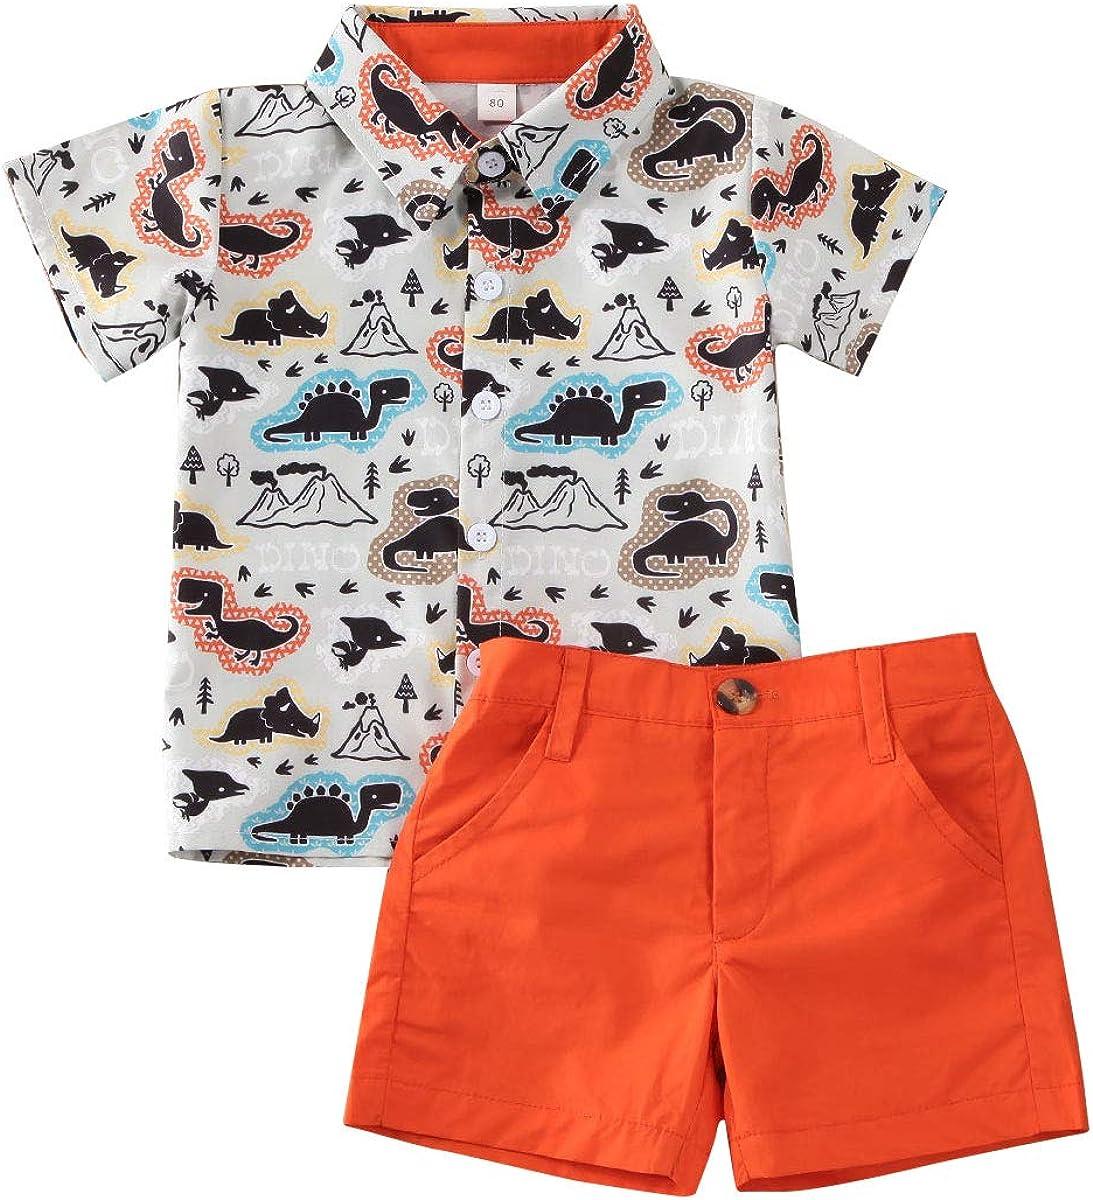 Geagodelia 2tlg Kinderkleidung Babykleidung Set Kinder Baby Jungen Kleidung Outfit Kurzarm Hemd Top Shorts Kleinkinder Weiche Strand Babyset T-39658